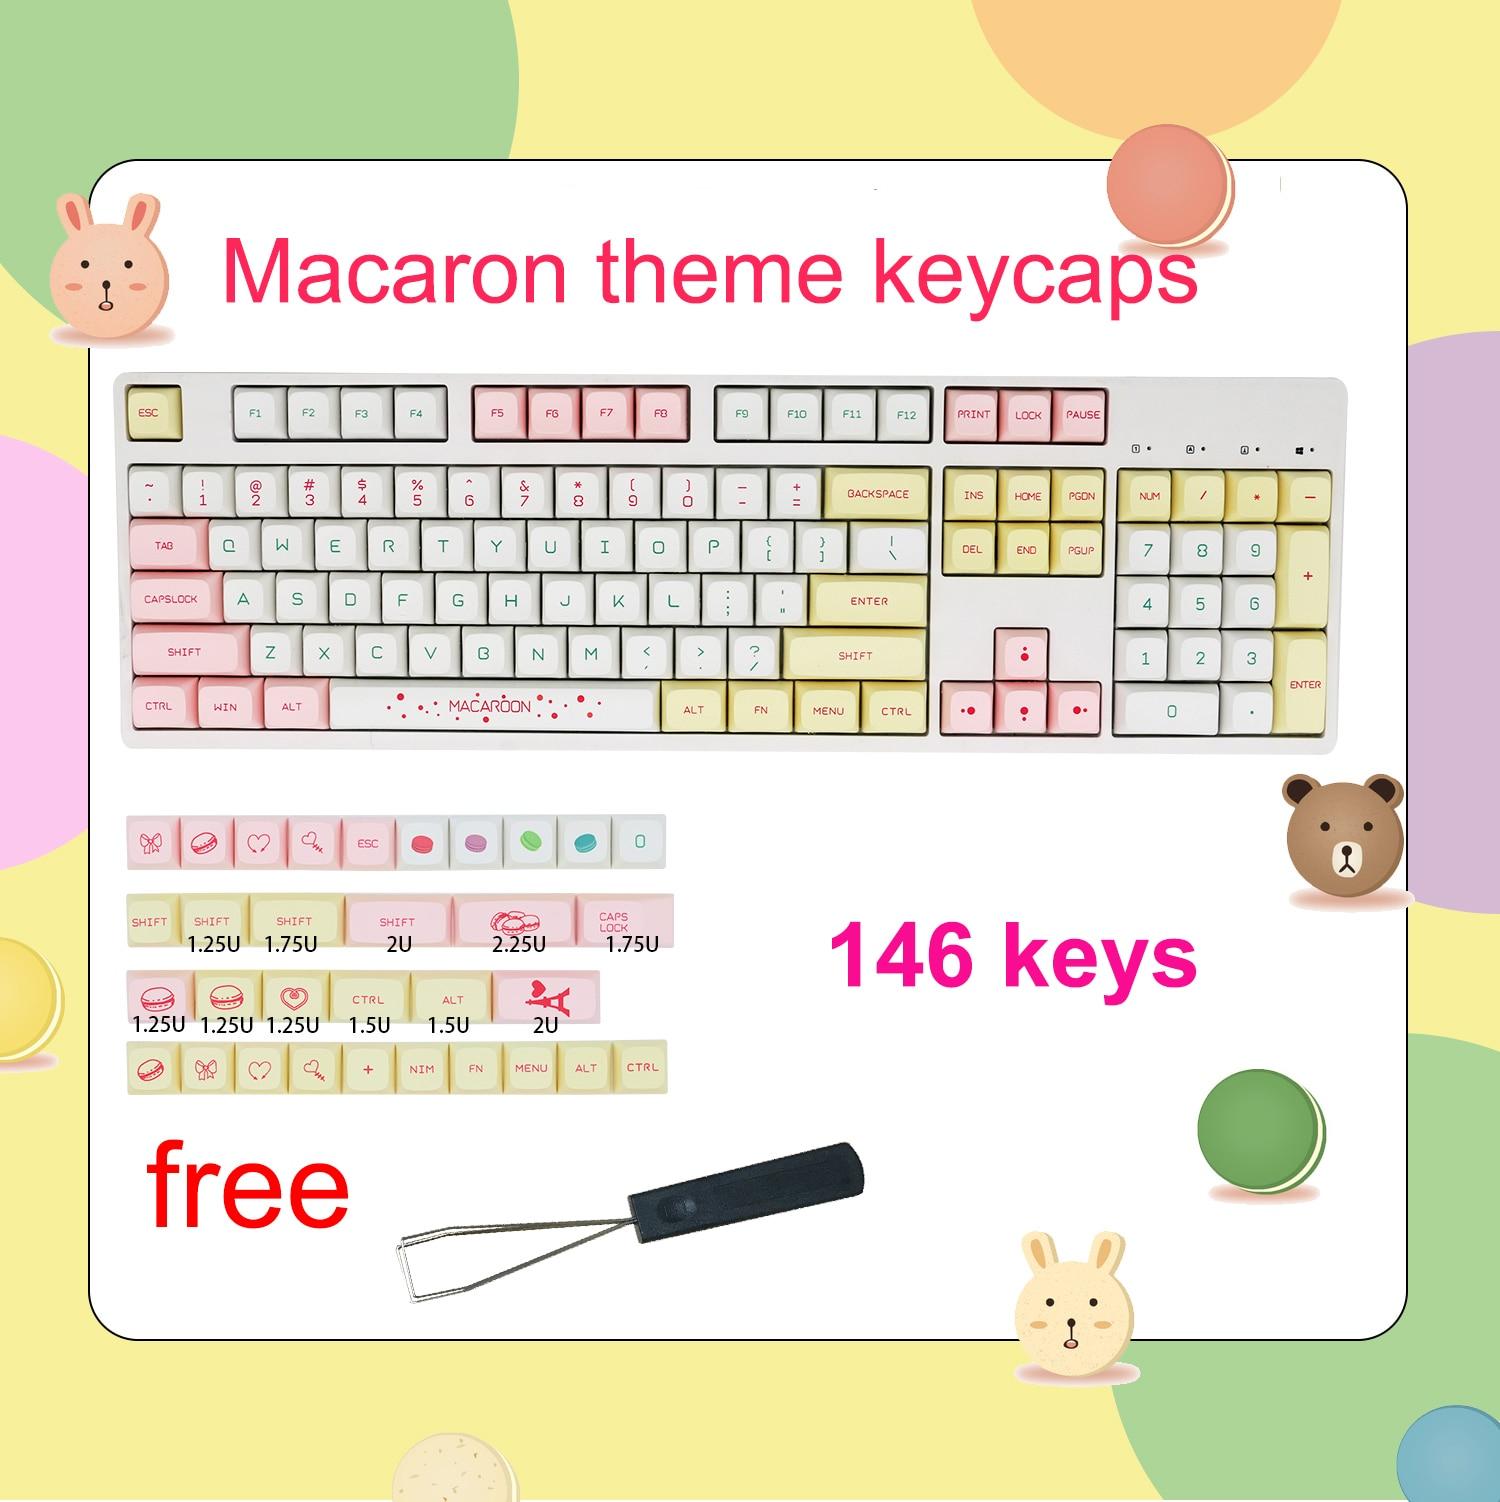 غطاء كروي لموضوع ماكرون QX ، غطاء مفتاح شخصي ، مجموعة صغيرة كاملة من PBT ، تسامي ikbcCherryFILCO ، 146